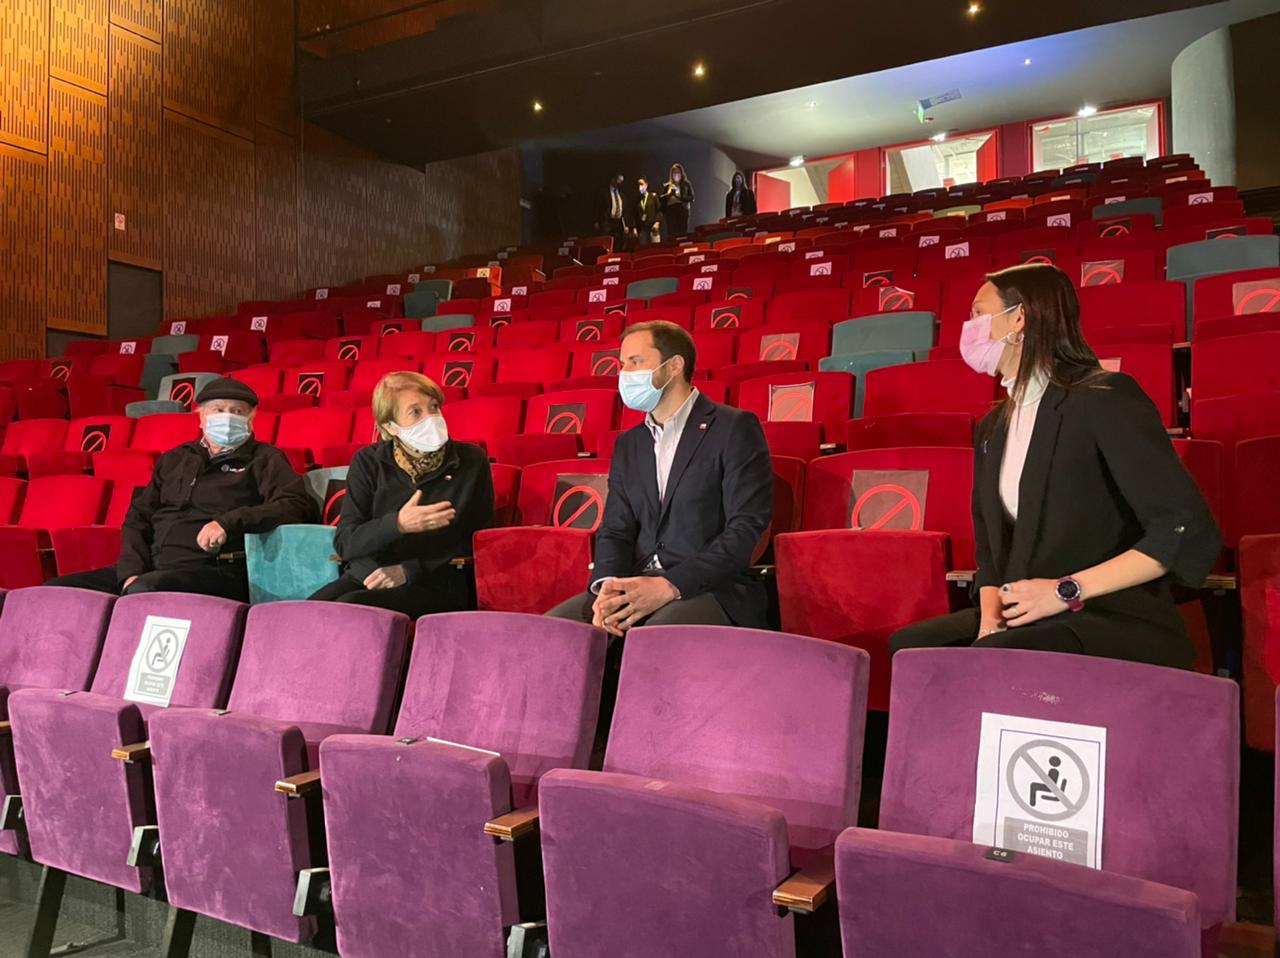 Ministra de las Culturas visita Teatro San Ginés y entrega recomendaciones sanitarias para la reapertura de teatros